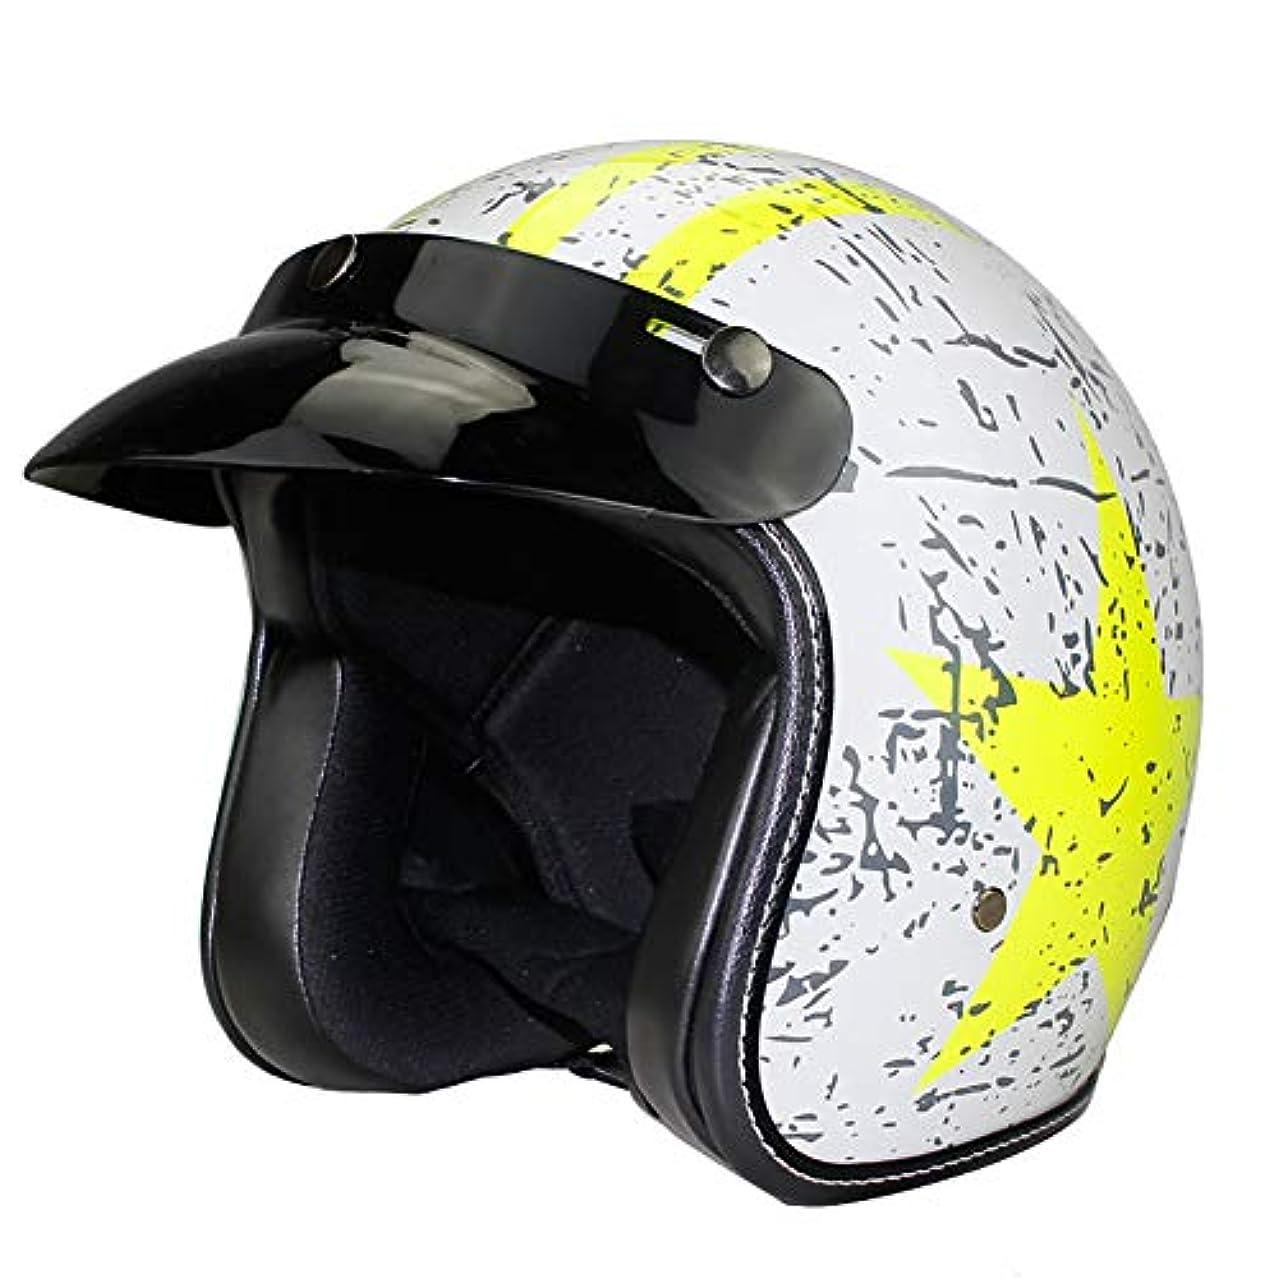 グローブ有毒なクレアオートバイヘルメットレトロ男性ハード帽子ハーフヘルメット 五芒星,1